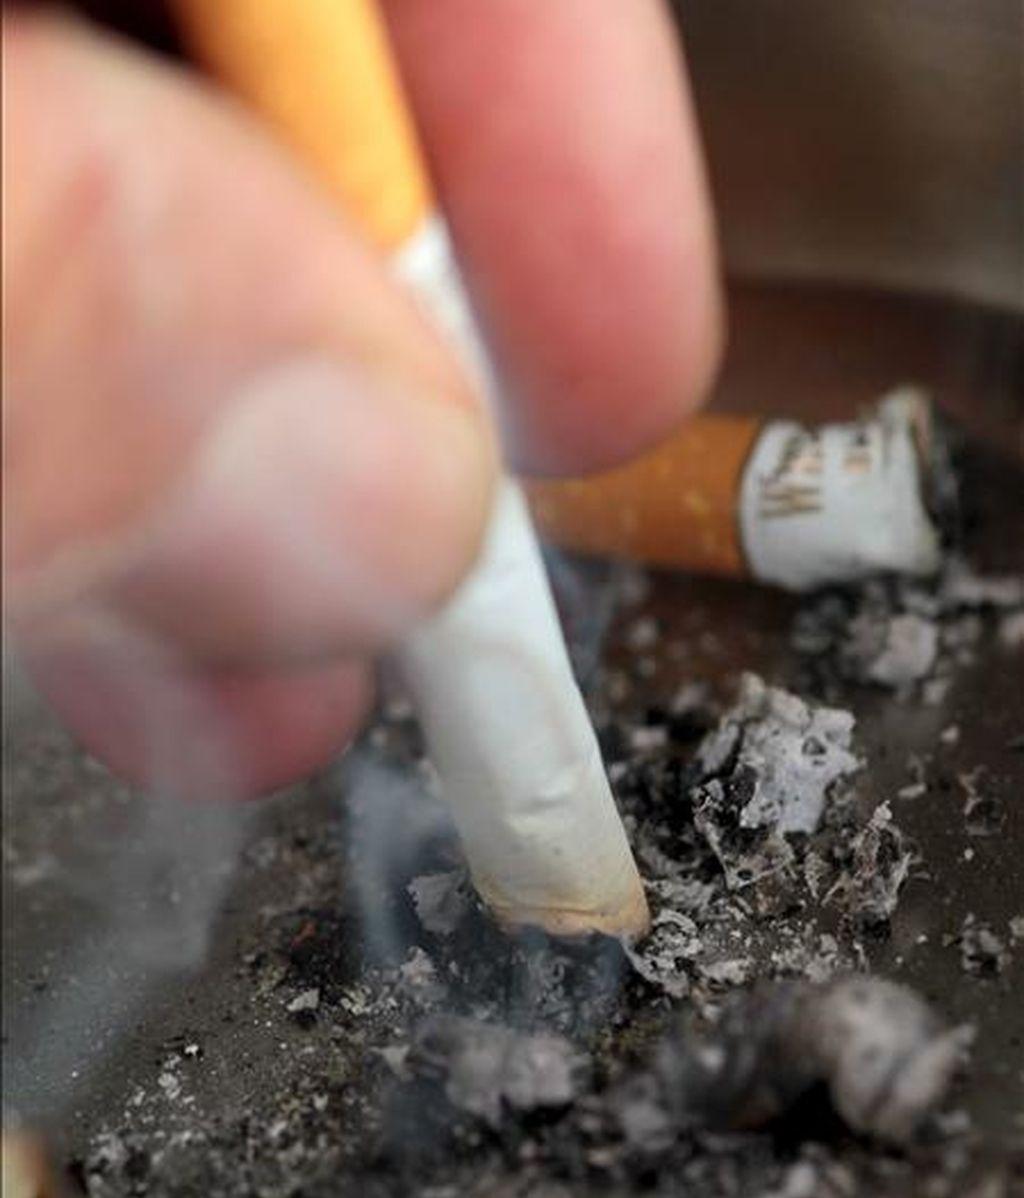 Un hombre apaga su cigarrillo. EFE/Archivo